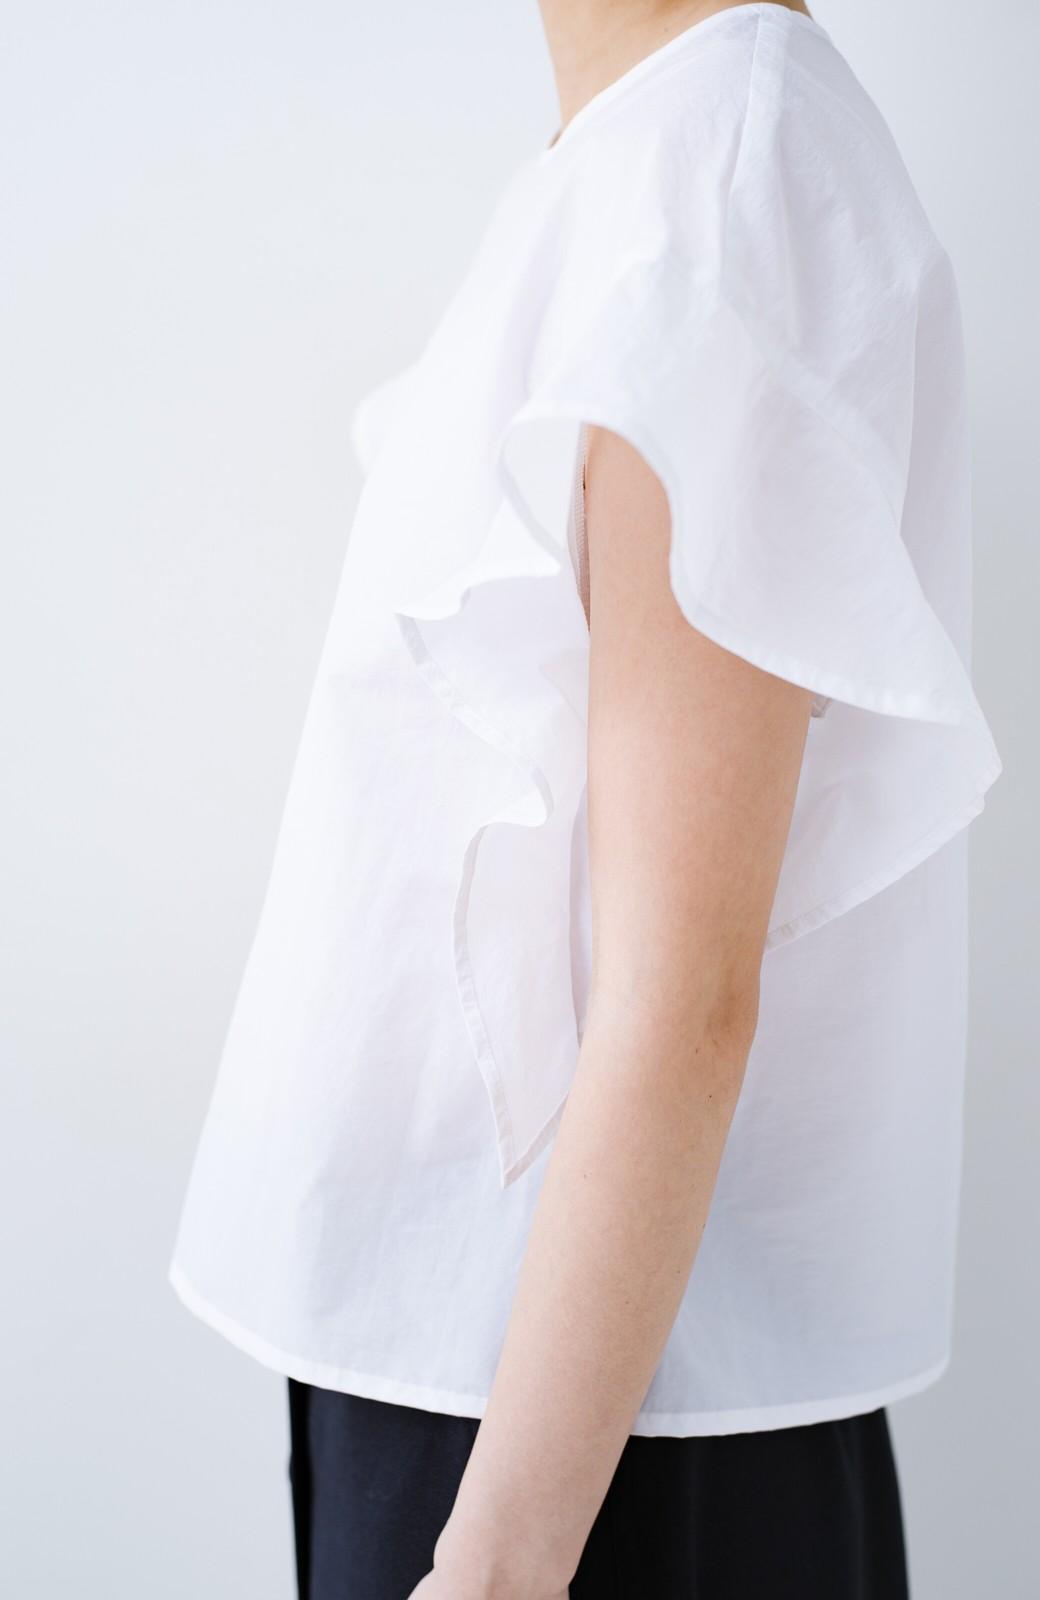 haco! 【洗濯機洗いOK】じゃぶじゃぶ洗える便利なフリルスリーブブラウス <ホワイト>の商品写真9